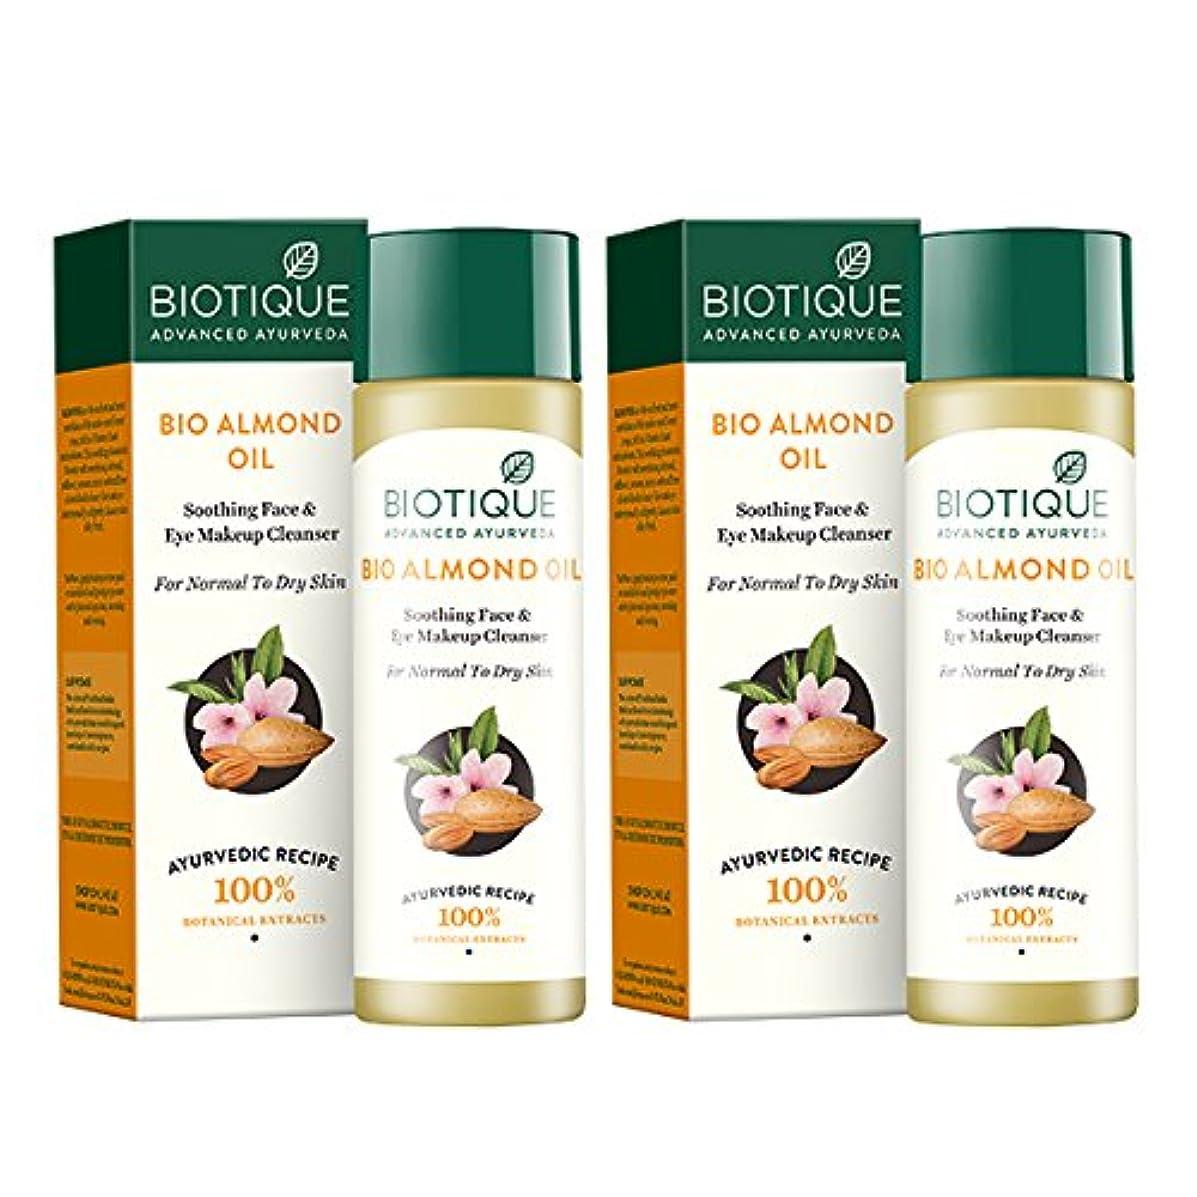 電話毎日障害者Biotique Bio Almond Oil Soothing Face and Eye Makeup Cleanser for Normal To Dry Skin, 120ml (Pack of 2)